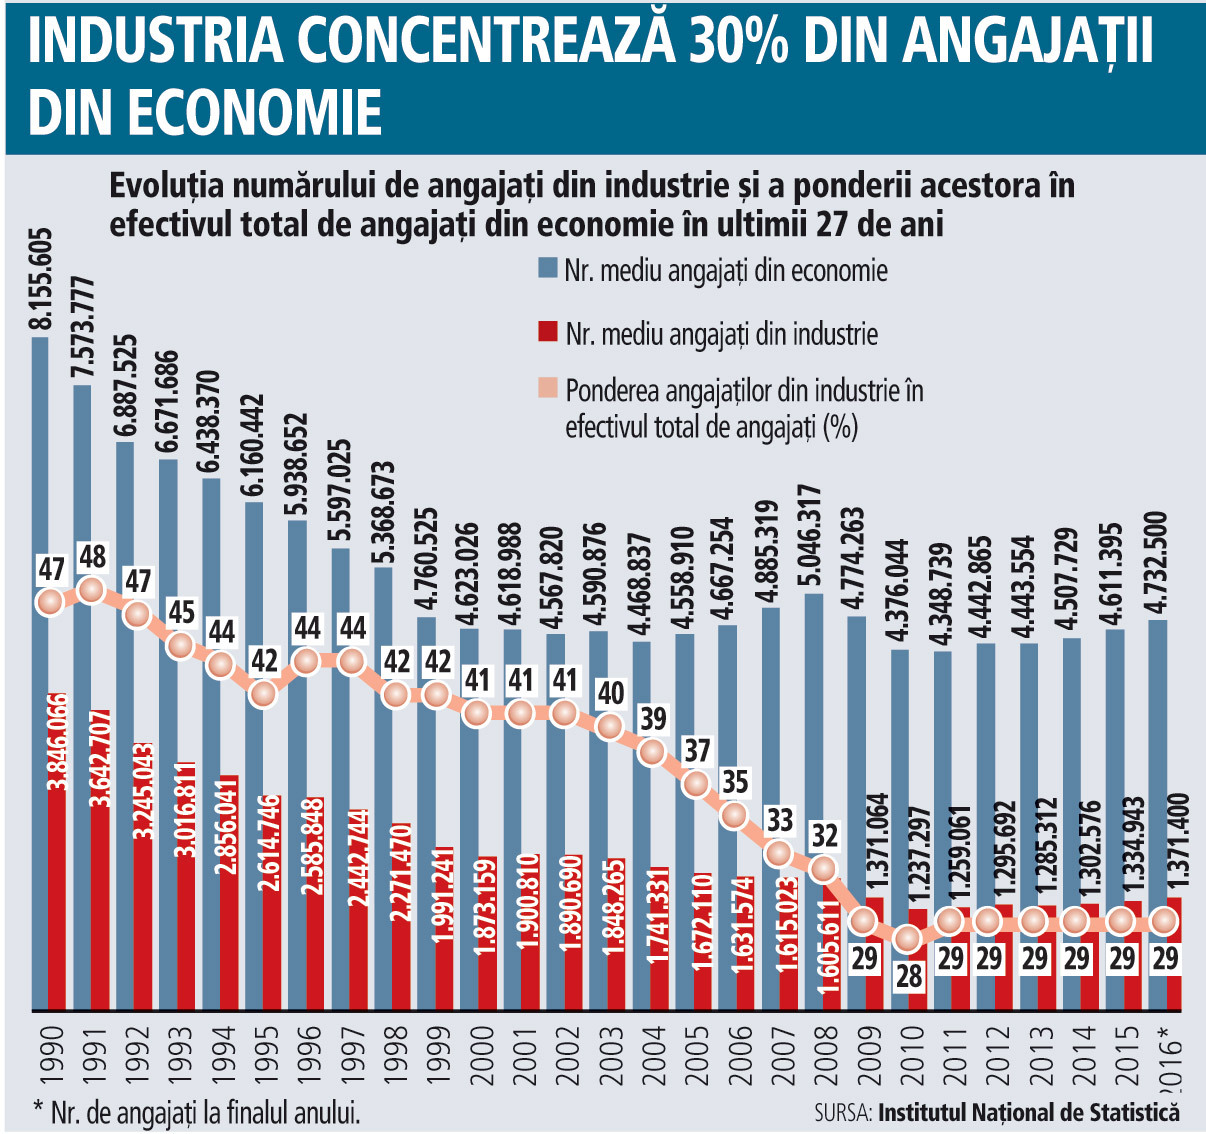 Reindustrializarea României - cât de fezabil mai este acest proiect? Industria mai are 30% din angajaţii din economie. În anii '90 jumătate din forţa de muncă a României lucra în sectorul industrial